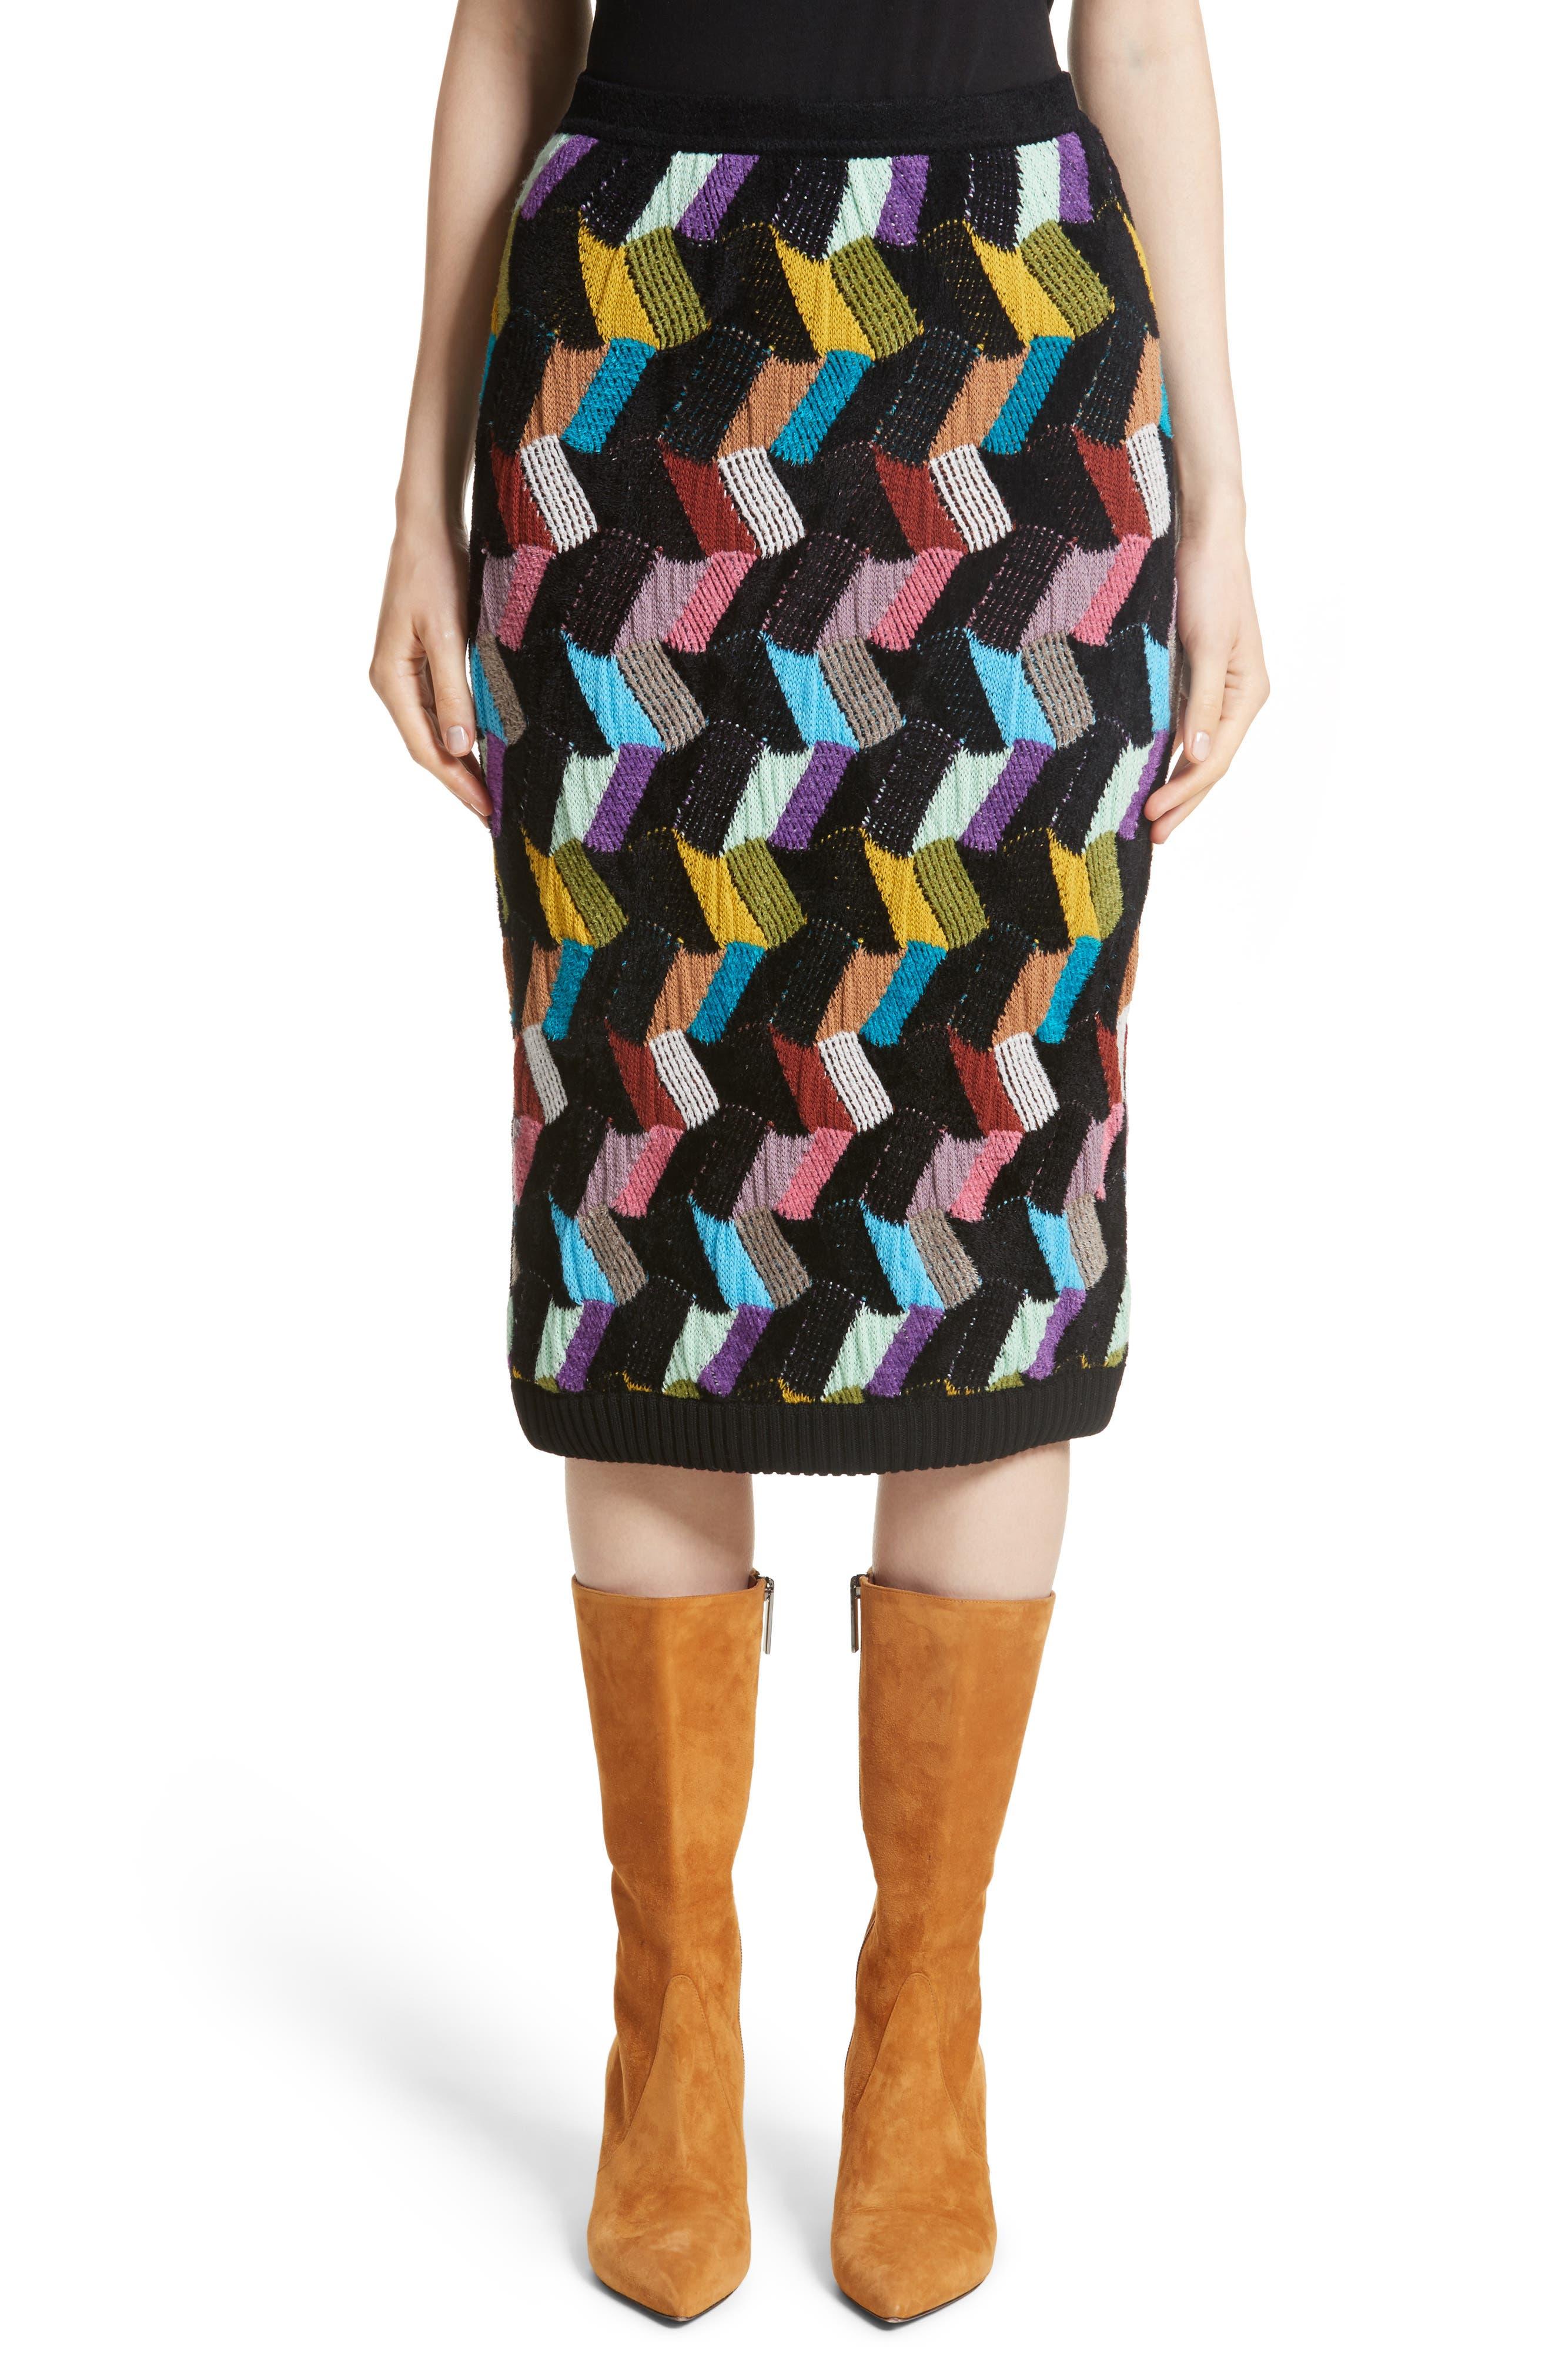 Main Image - Missoni Multi Knit Pencil Skirt